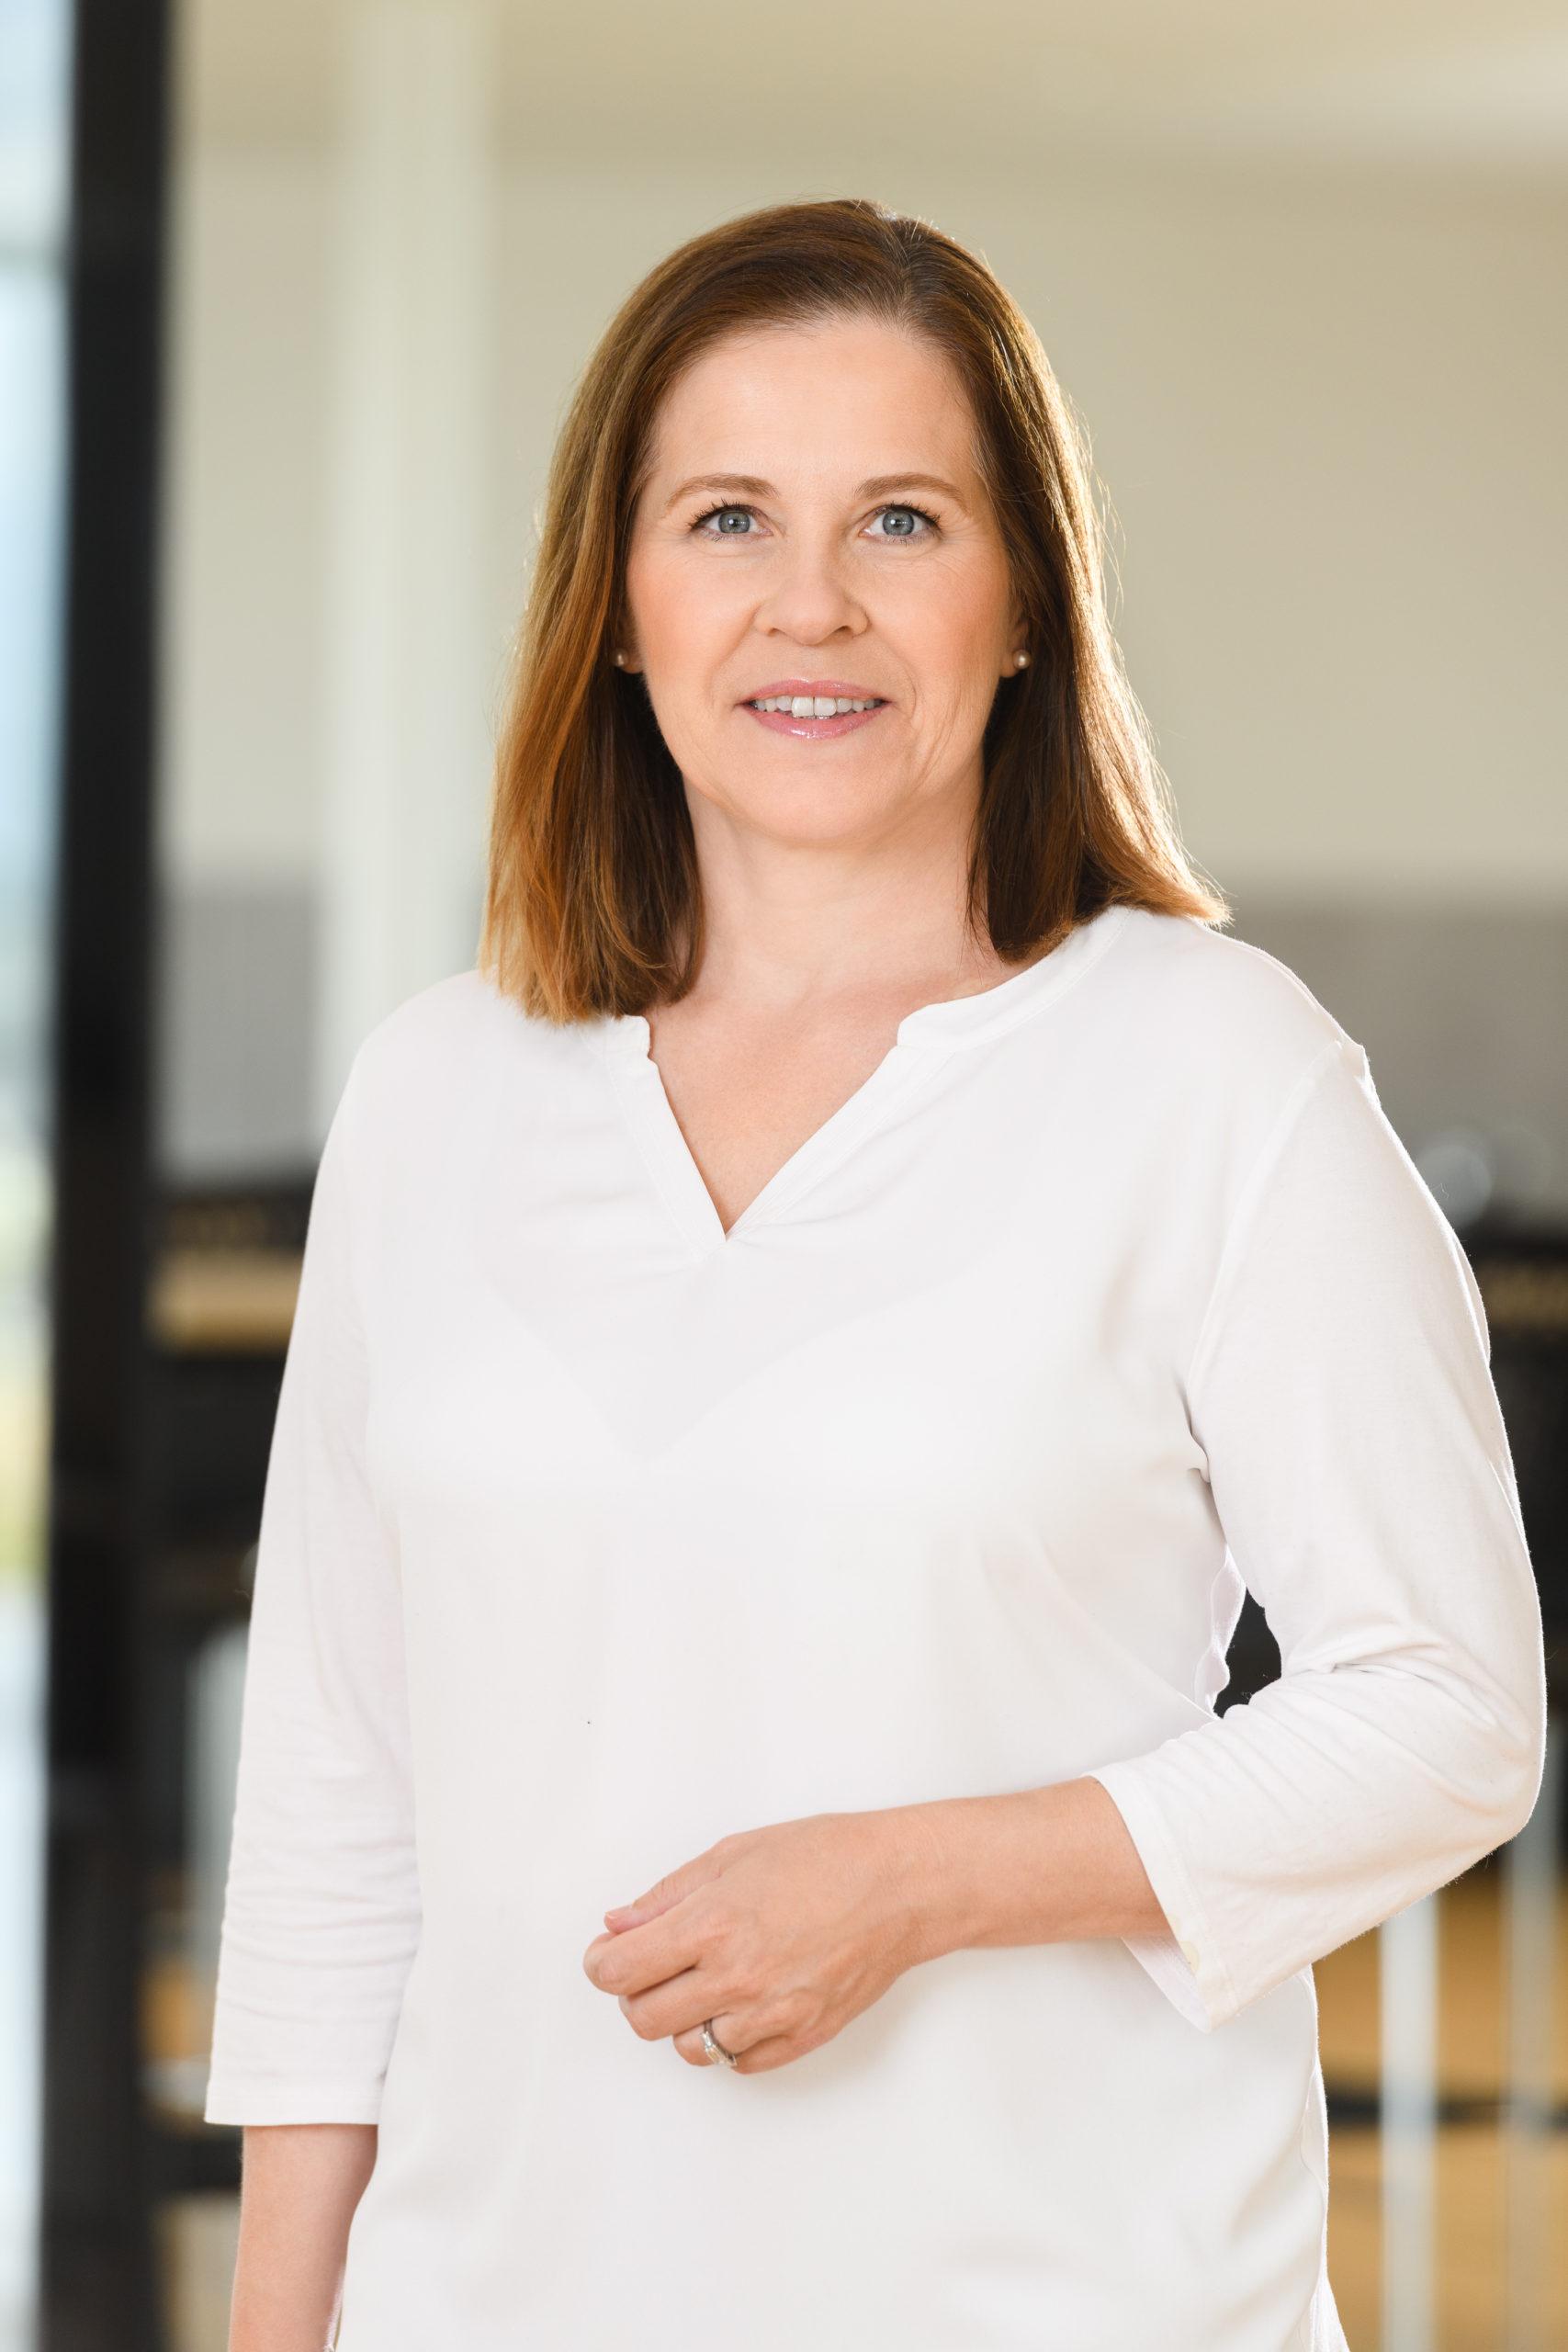 Eva Schönleitner, CEO of Crate.io